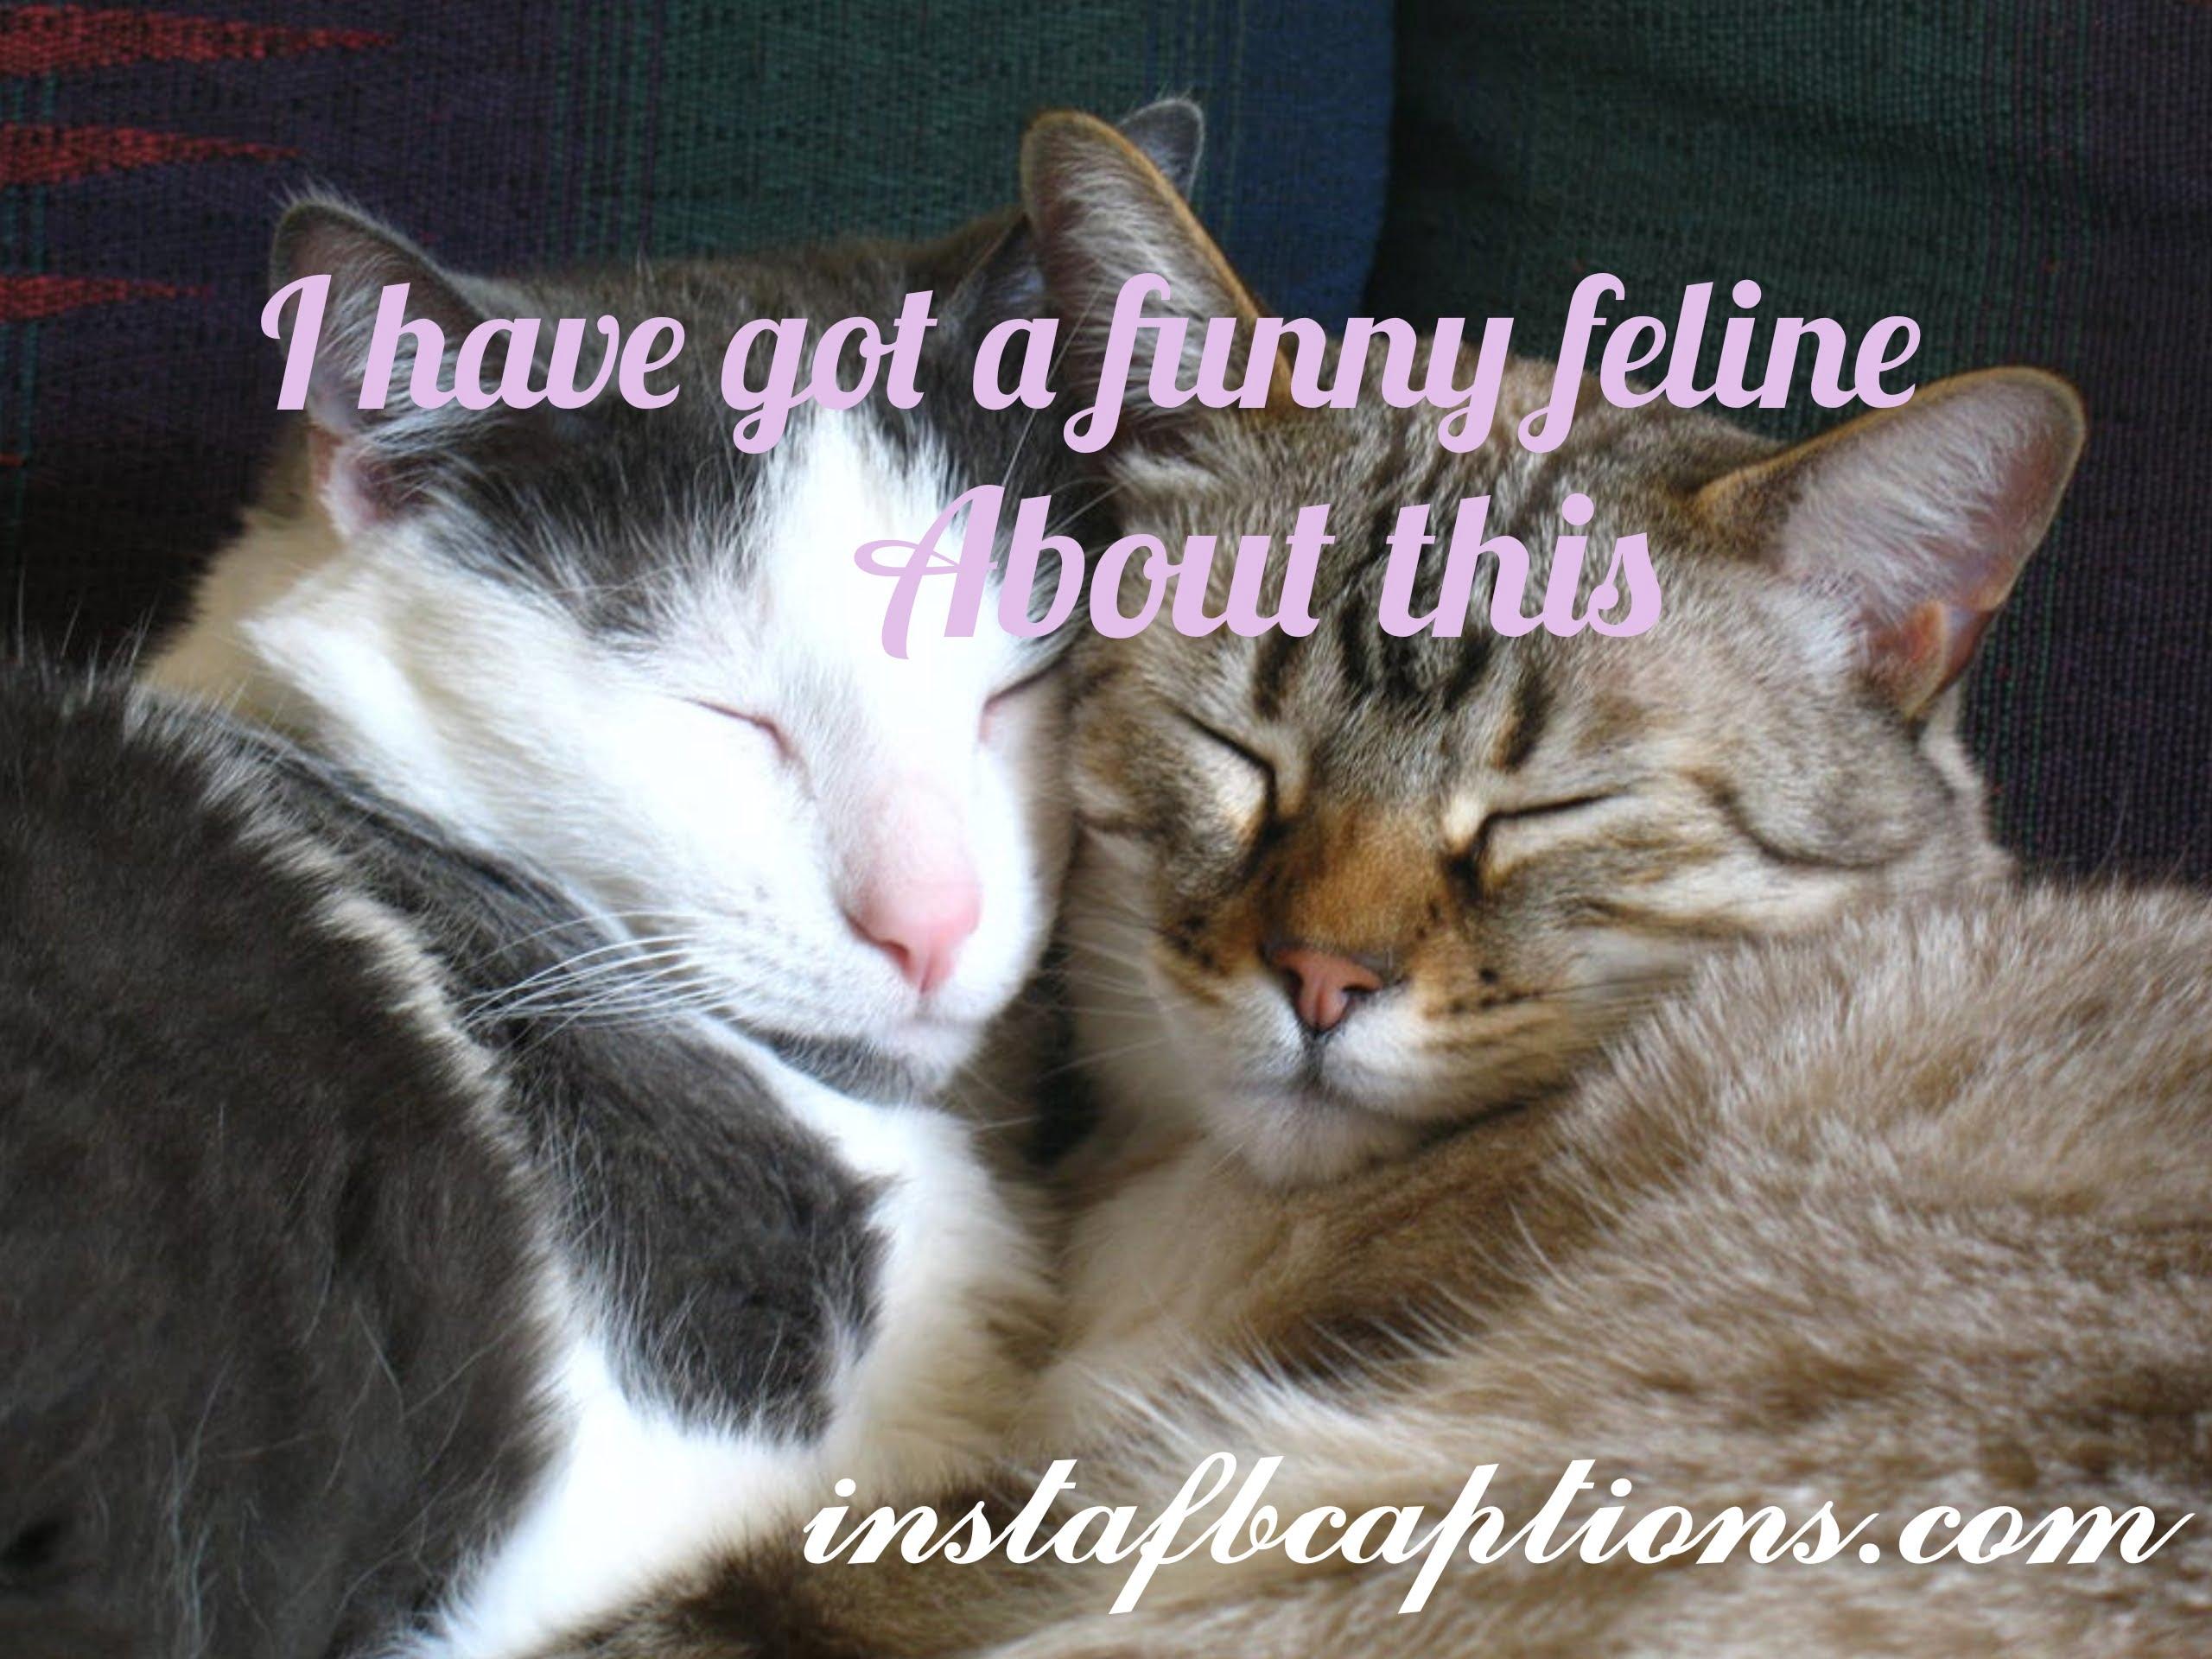 Funny Cat Captions  - Funny Cat Captions - 150+ CATS Instagram Captions 2021